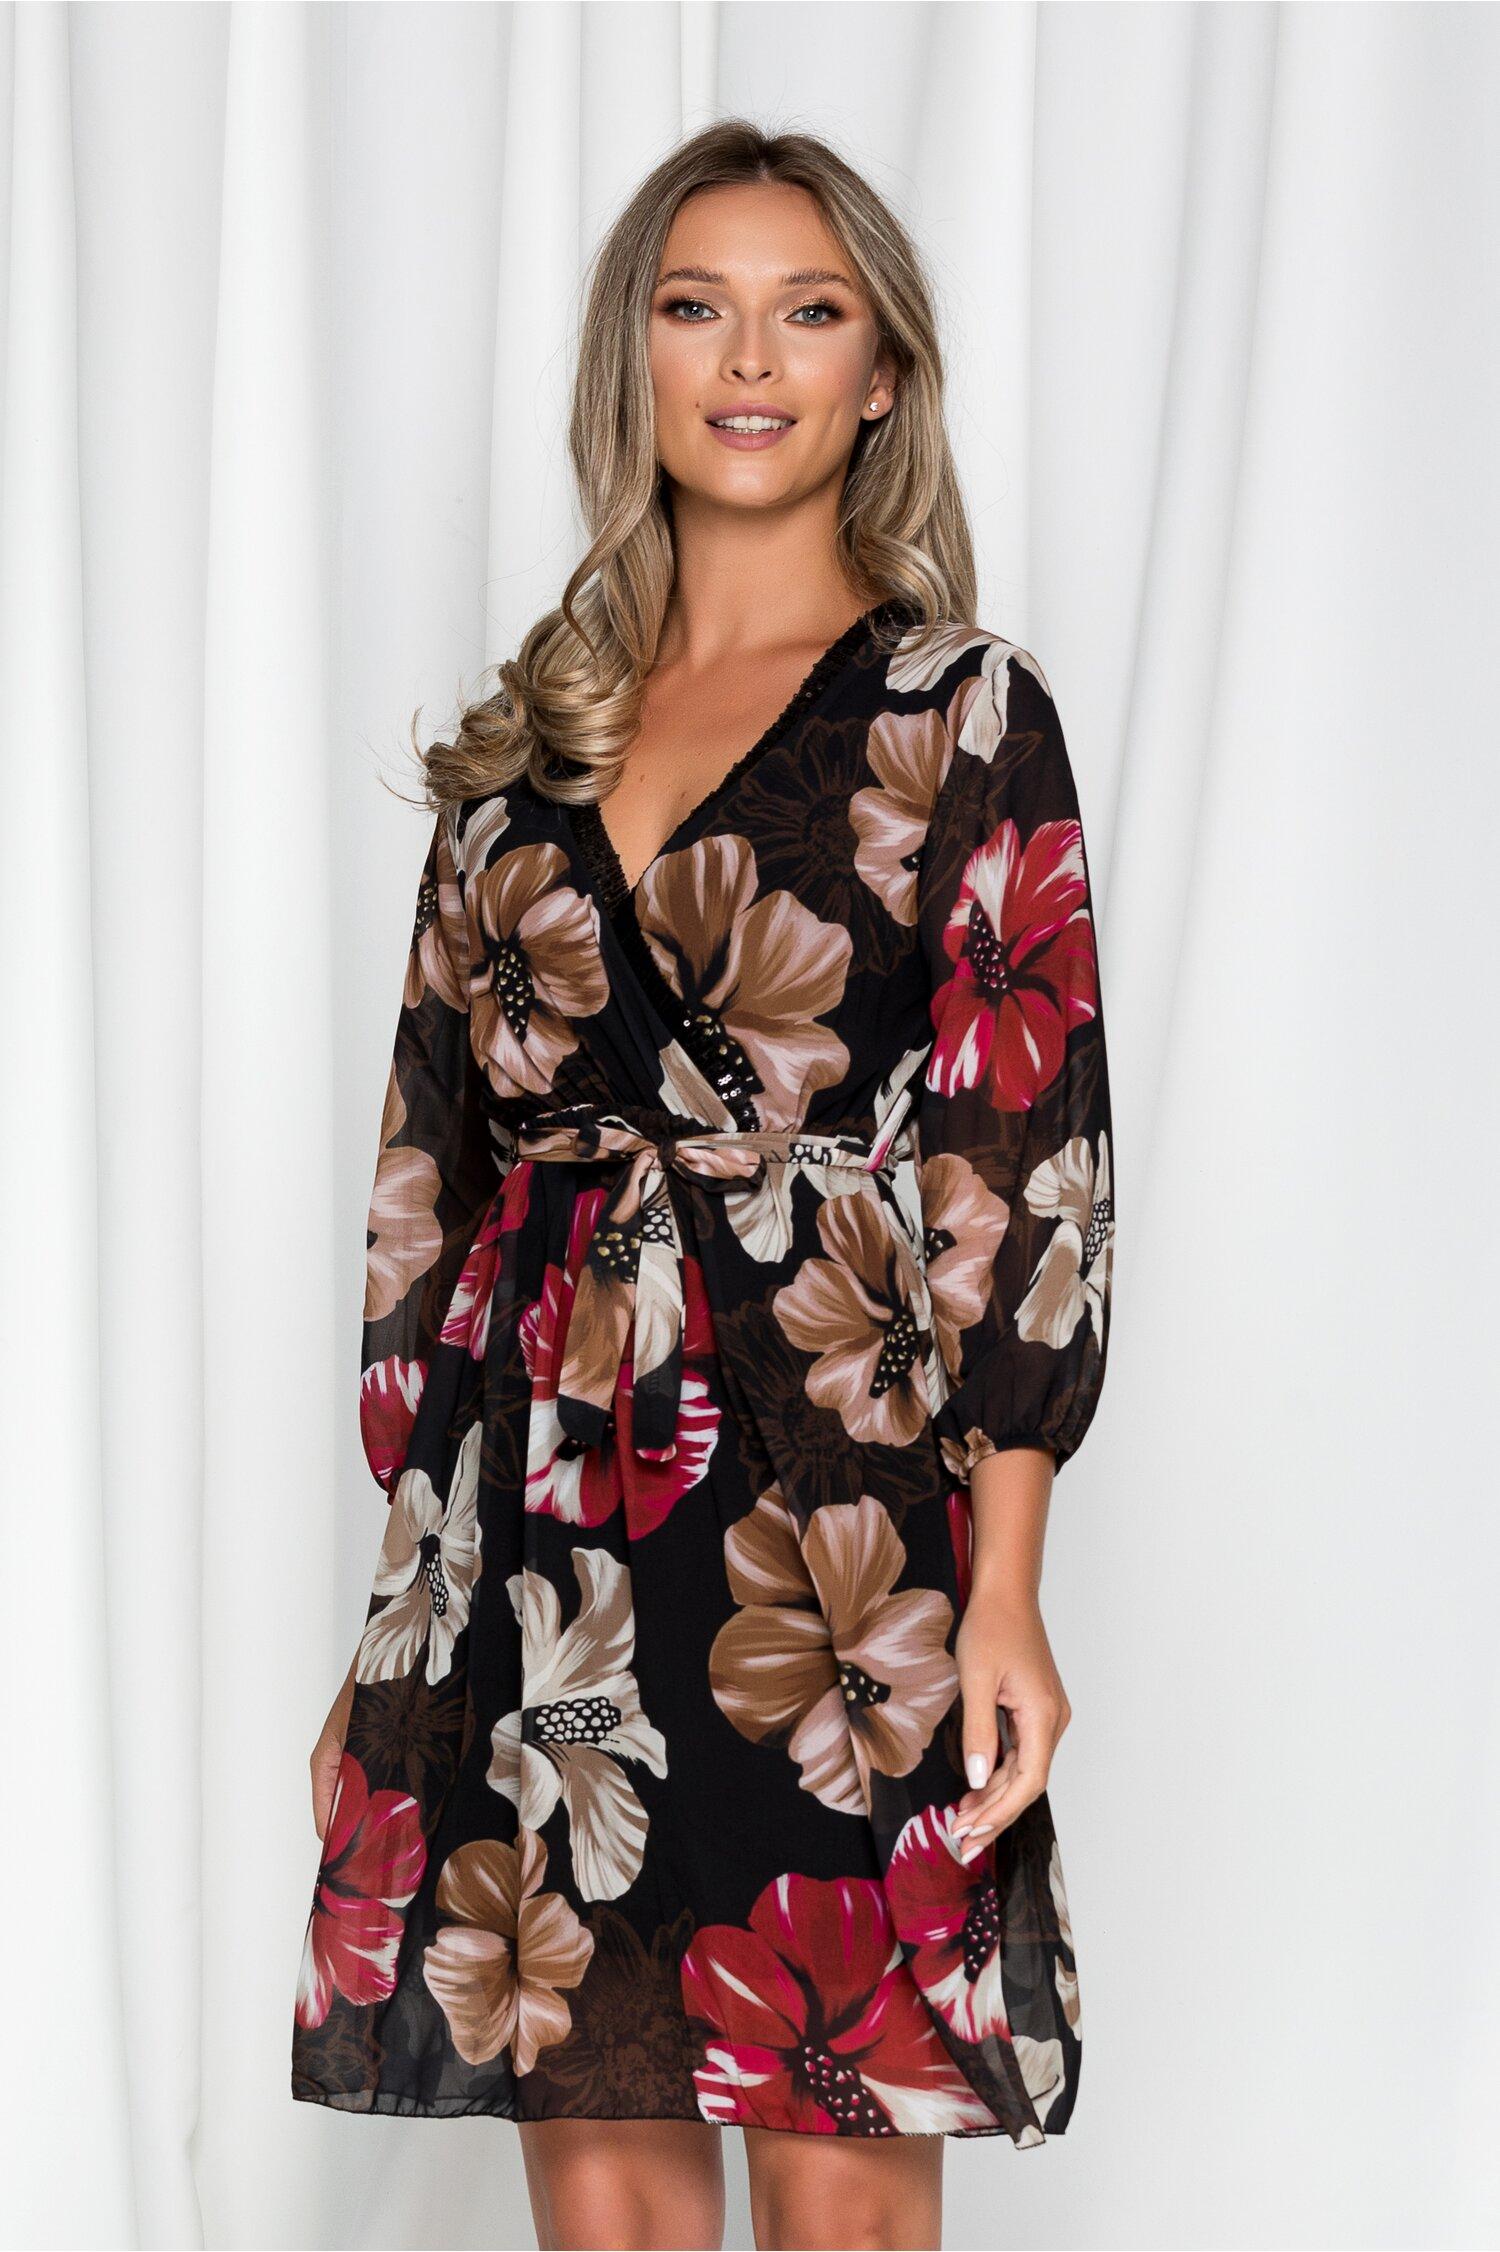 Rochie Chris neagra cu flori maro si rosii